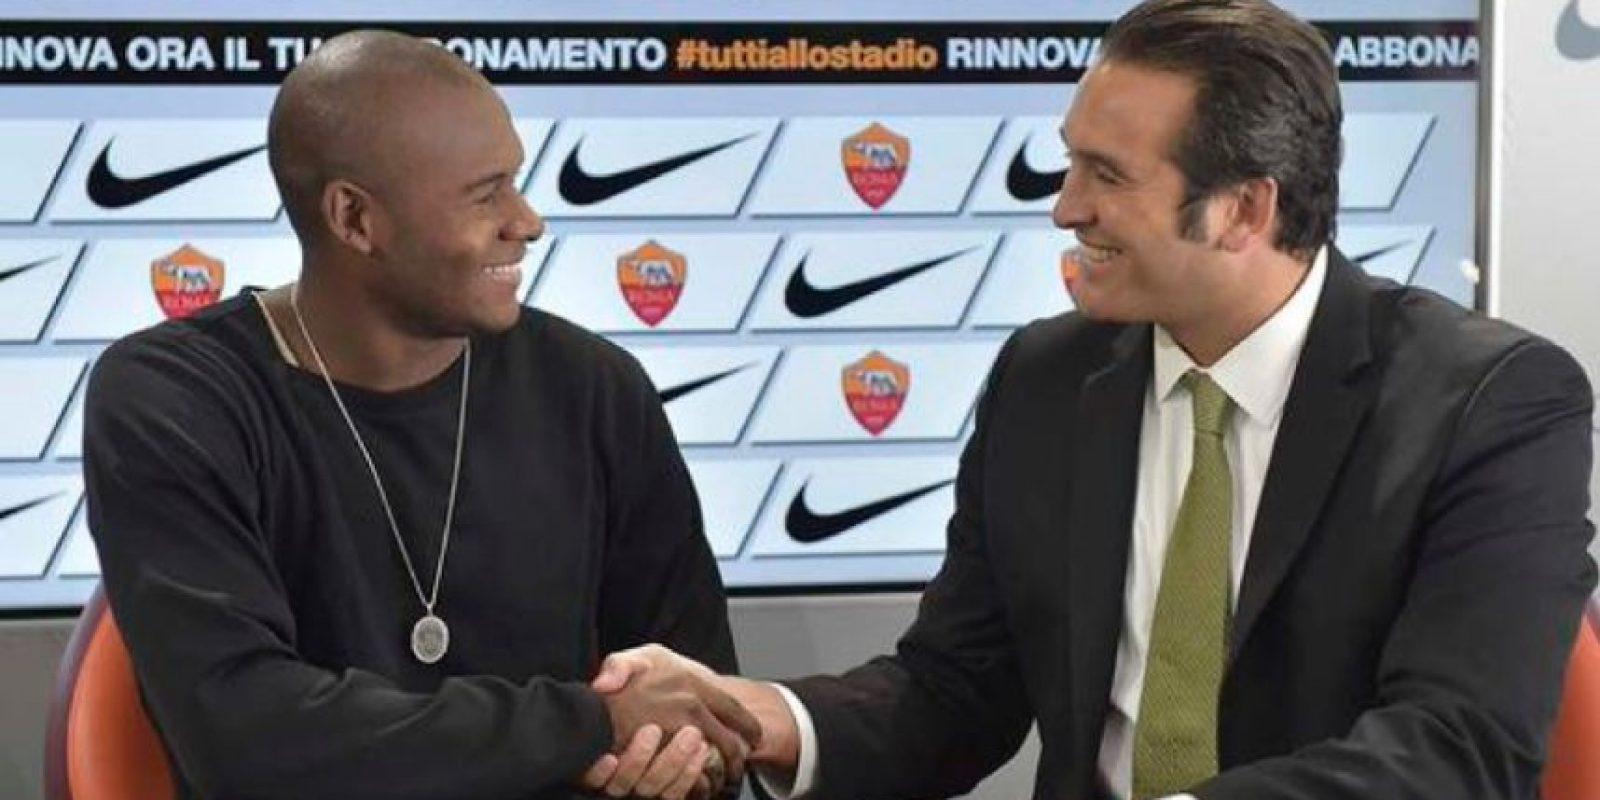 El delantero colombiano fichó seis meses por la AS Roma de Italia procedente del Cagliari con opción a compra de 13 millones de dólares. Foto:twitter.com/OfficialASRoma